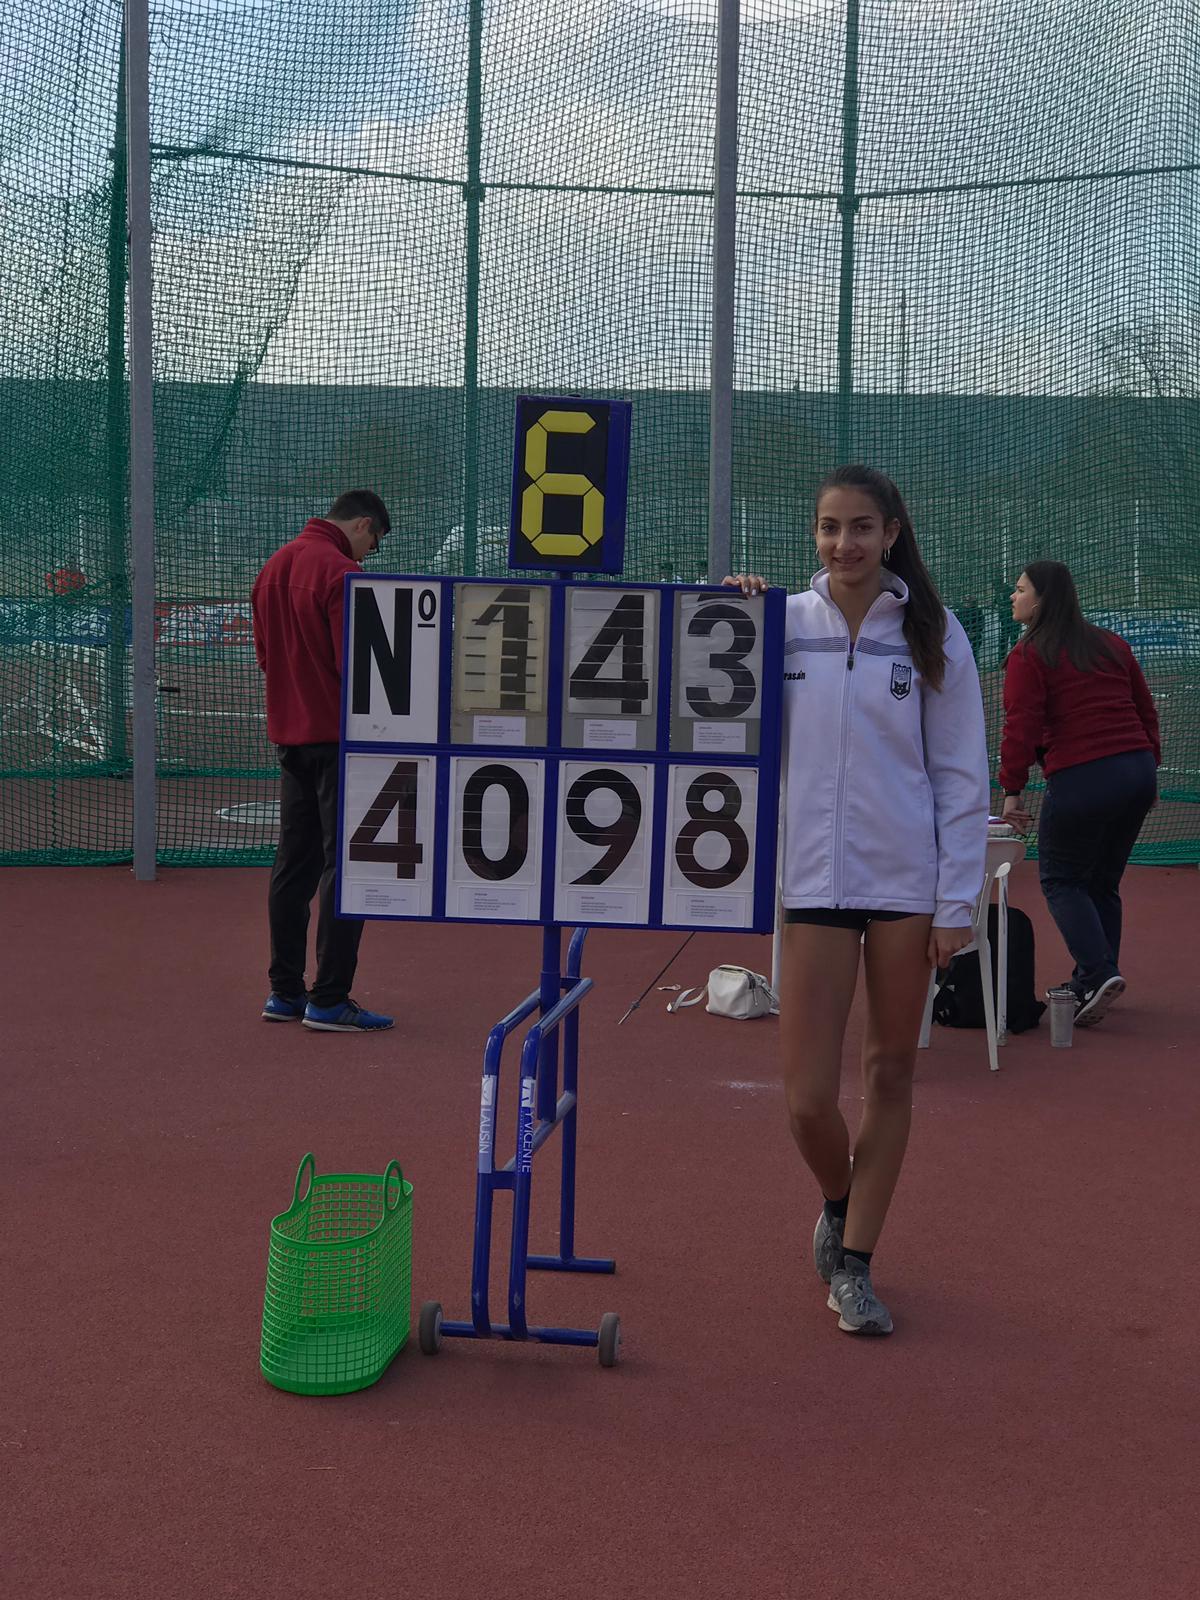 Foto cedida por Federación Madrileña de Atletismo